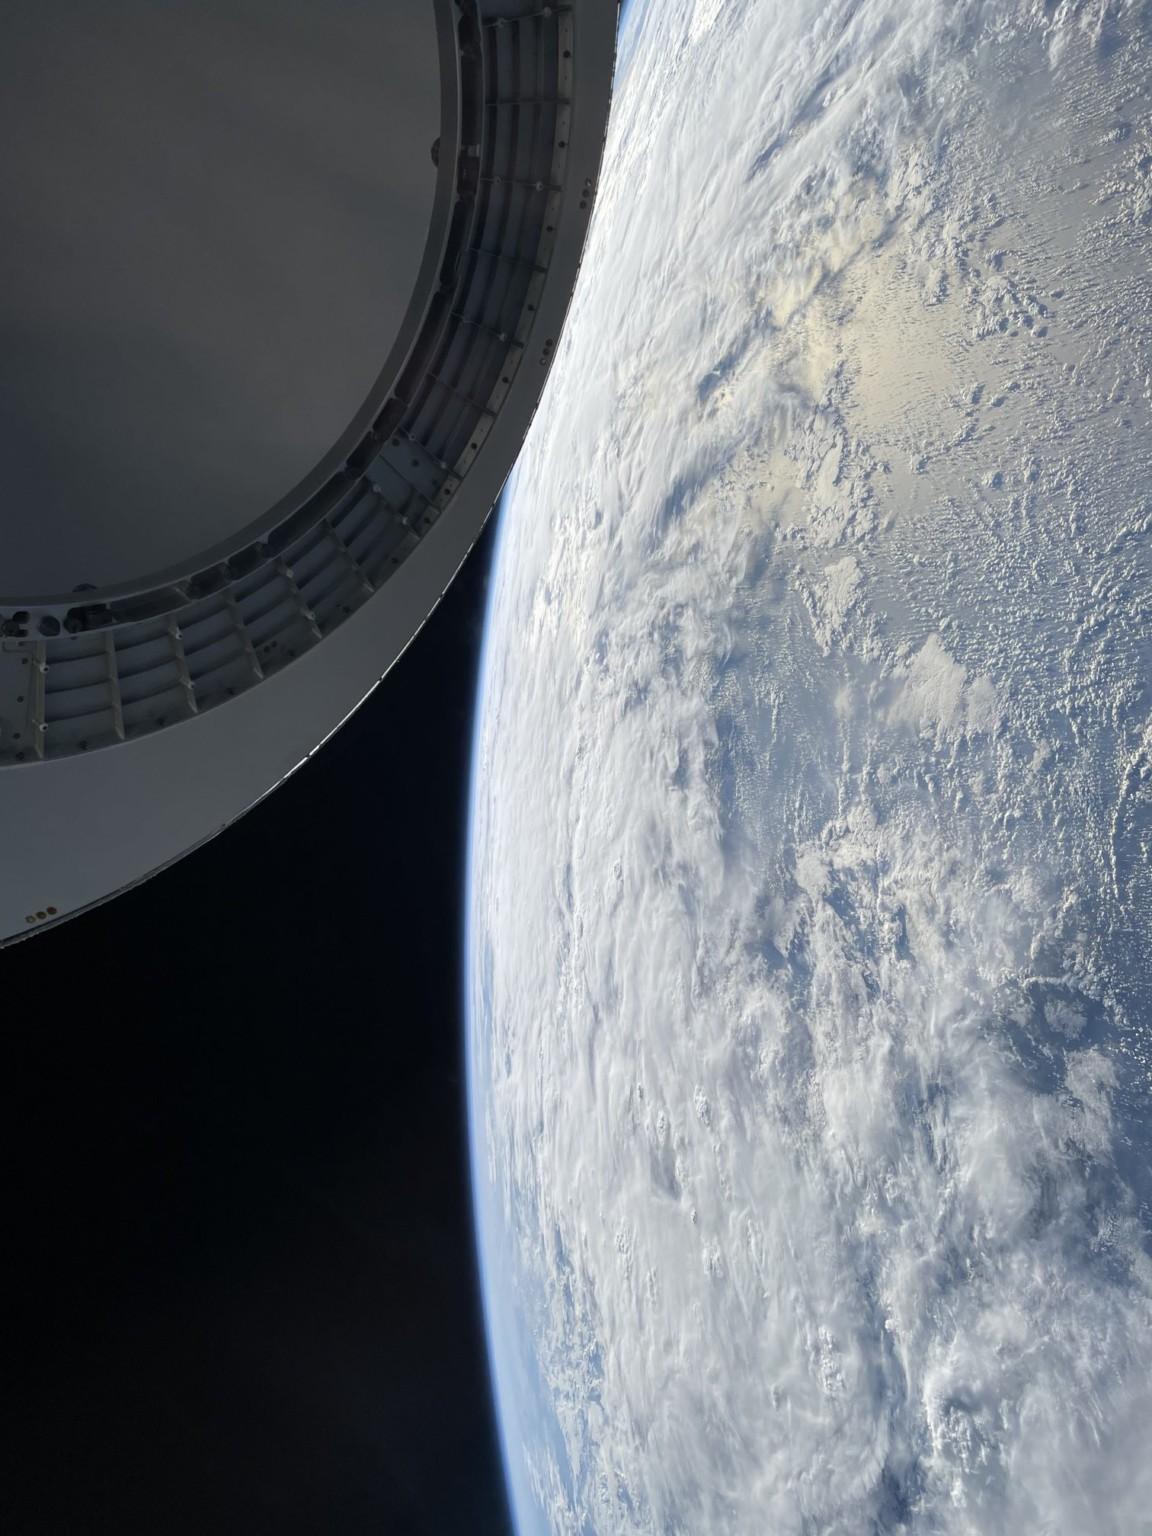 Tỷ phú chia sẻ ảnh chụp bằng iPhone 12 trên tàu của SpaceX: Thật ấn tượng khi một chiếc iPhone chụp được như thế này - Ảnh 1.